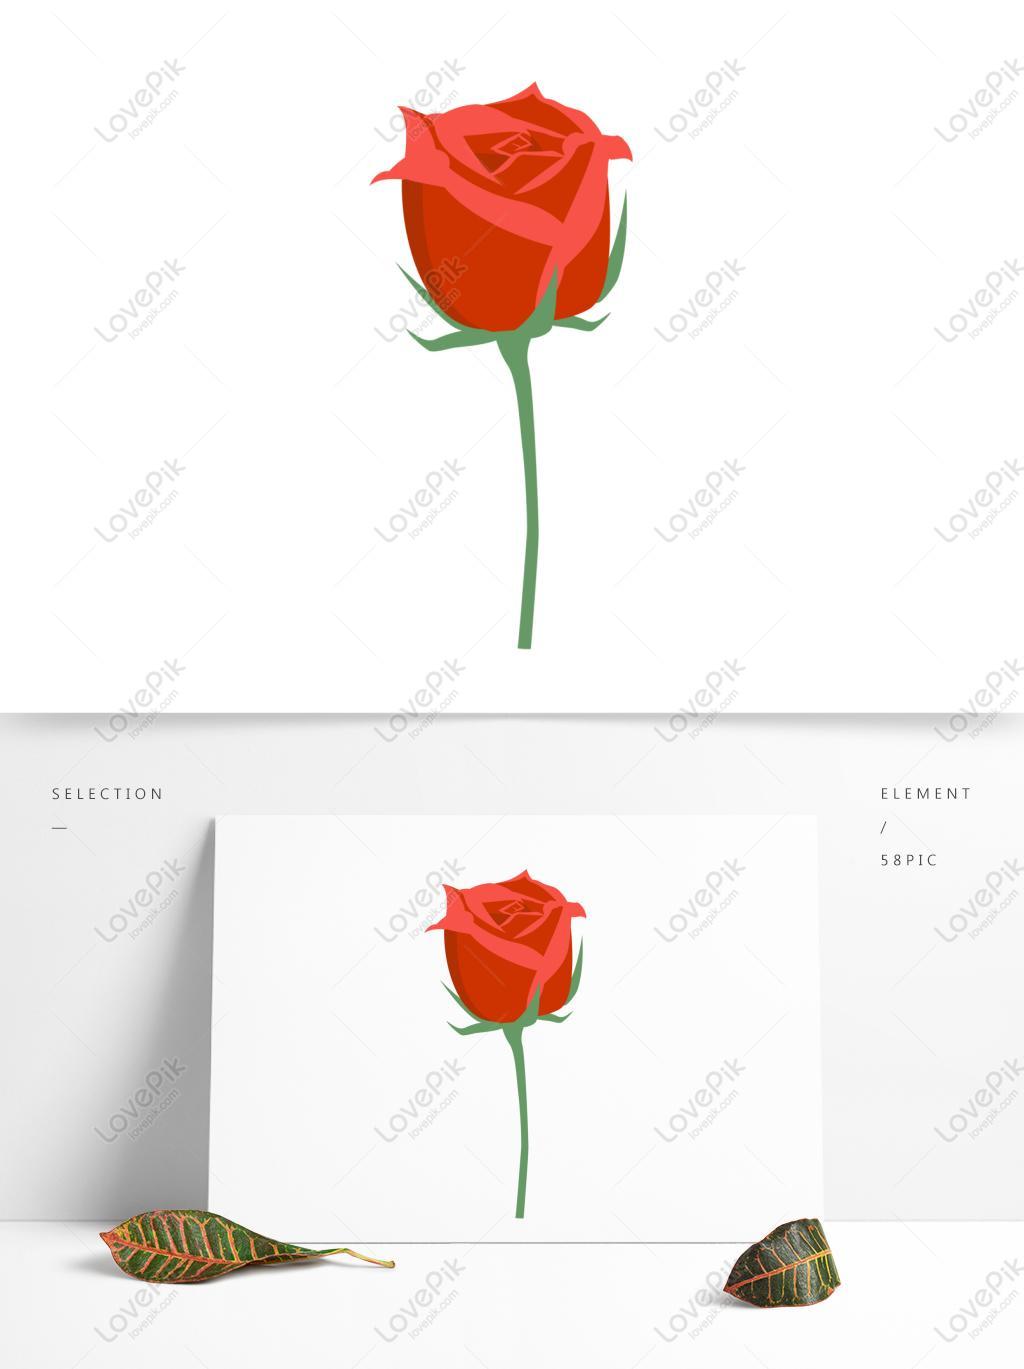 Download 4200 Koleksi Gambar Bunga Mawar Vektor Cdr Gratis Terbaik